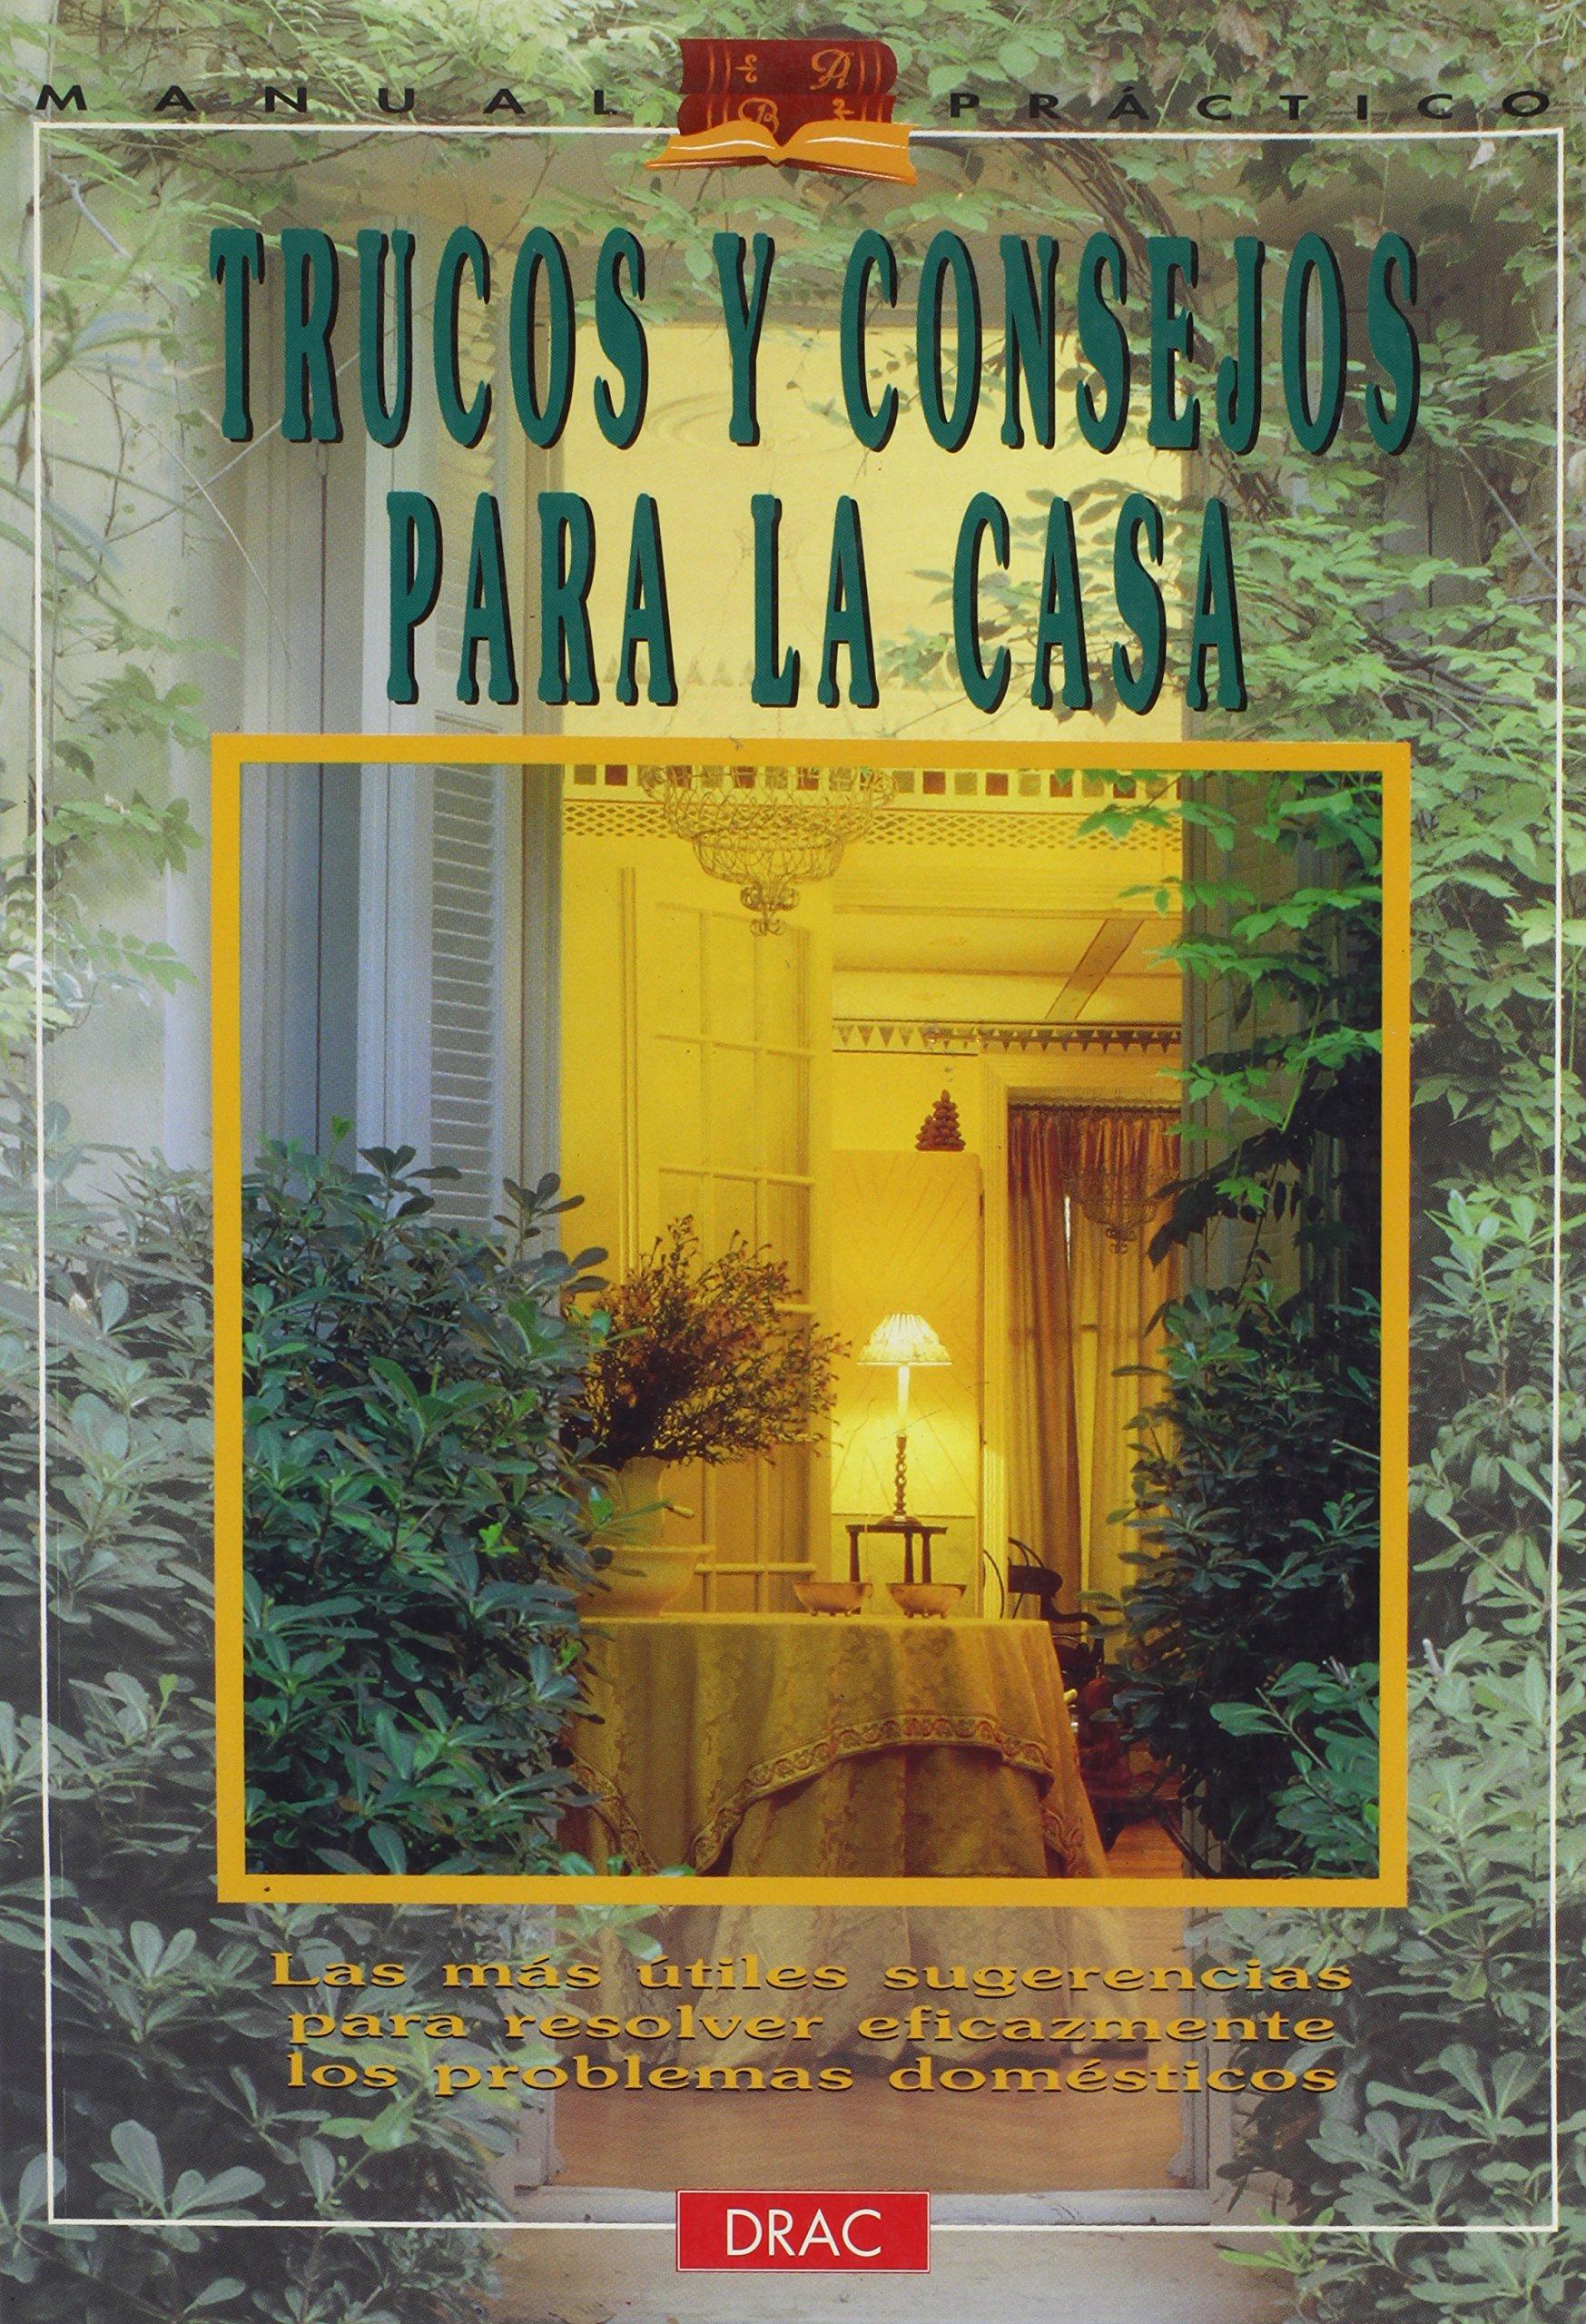 Trucos y consejos para la casa: Amazon.es: Paloma Gonzalez: Libros